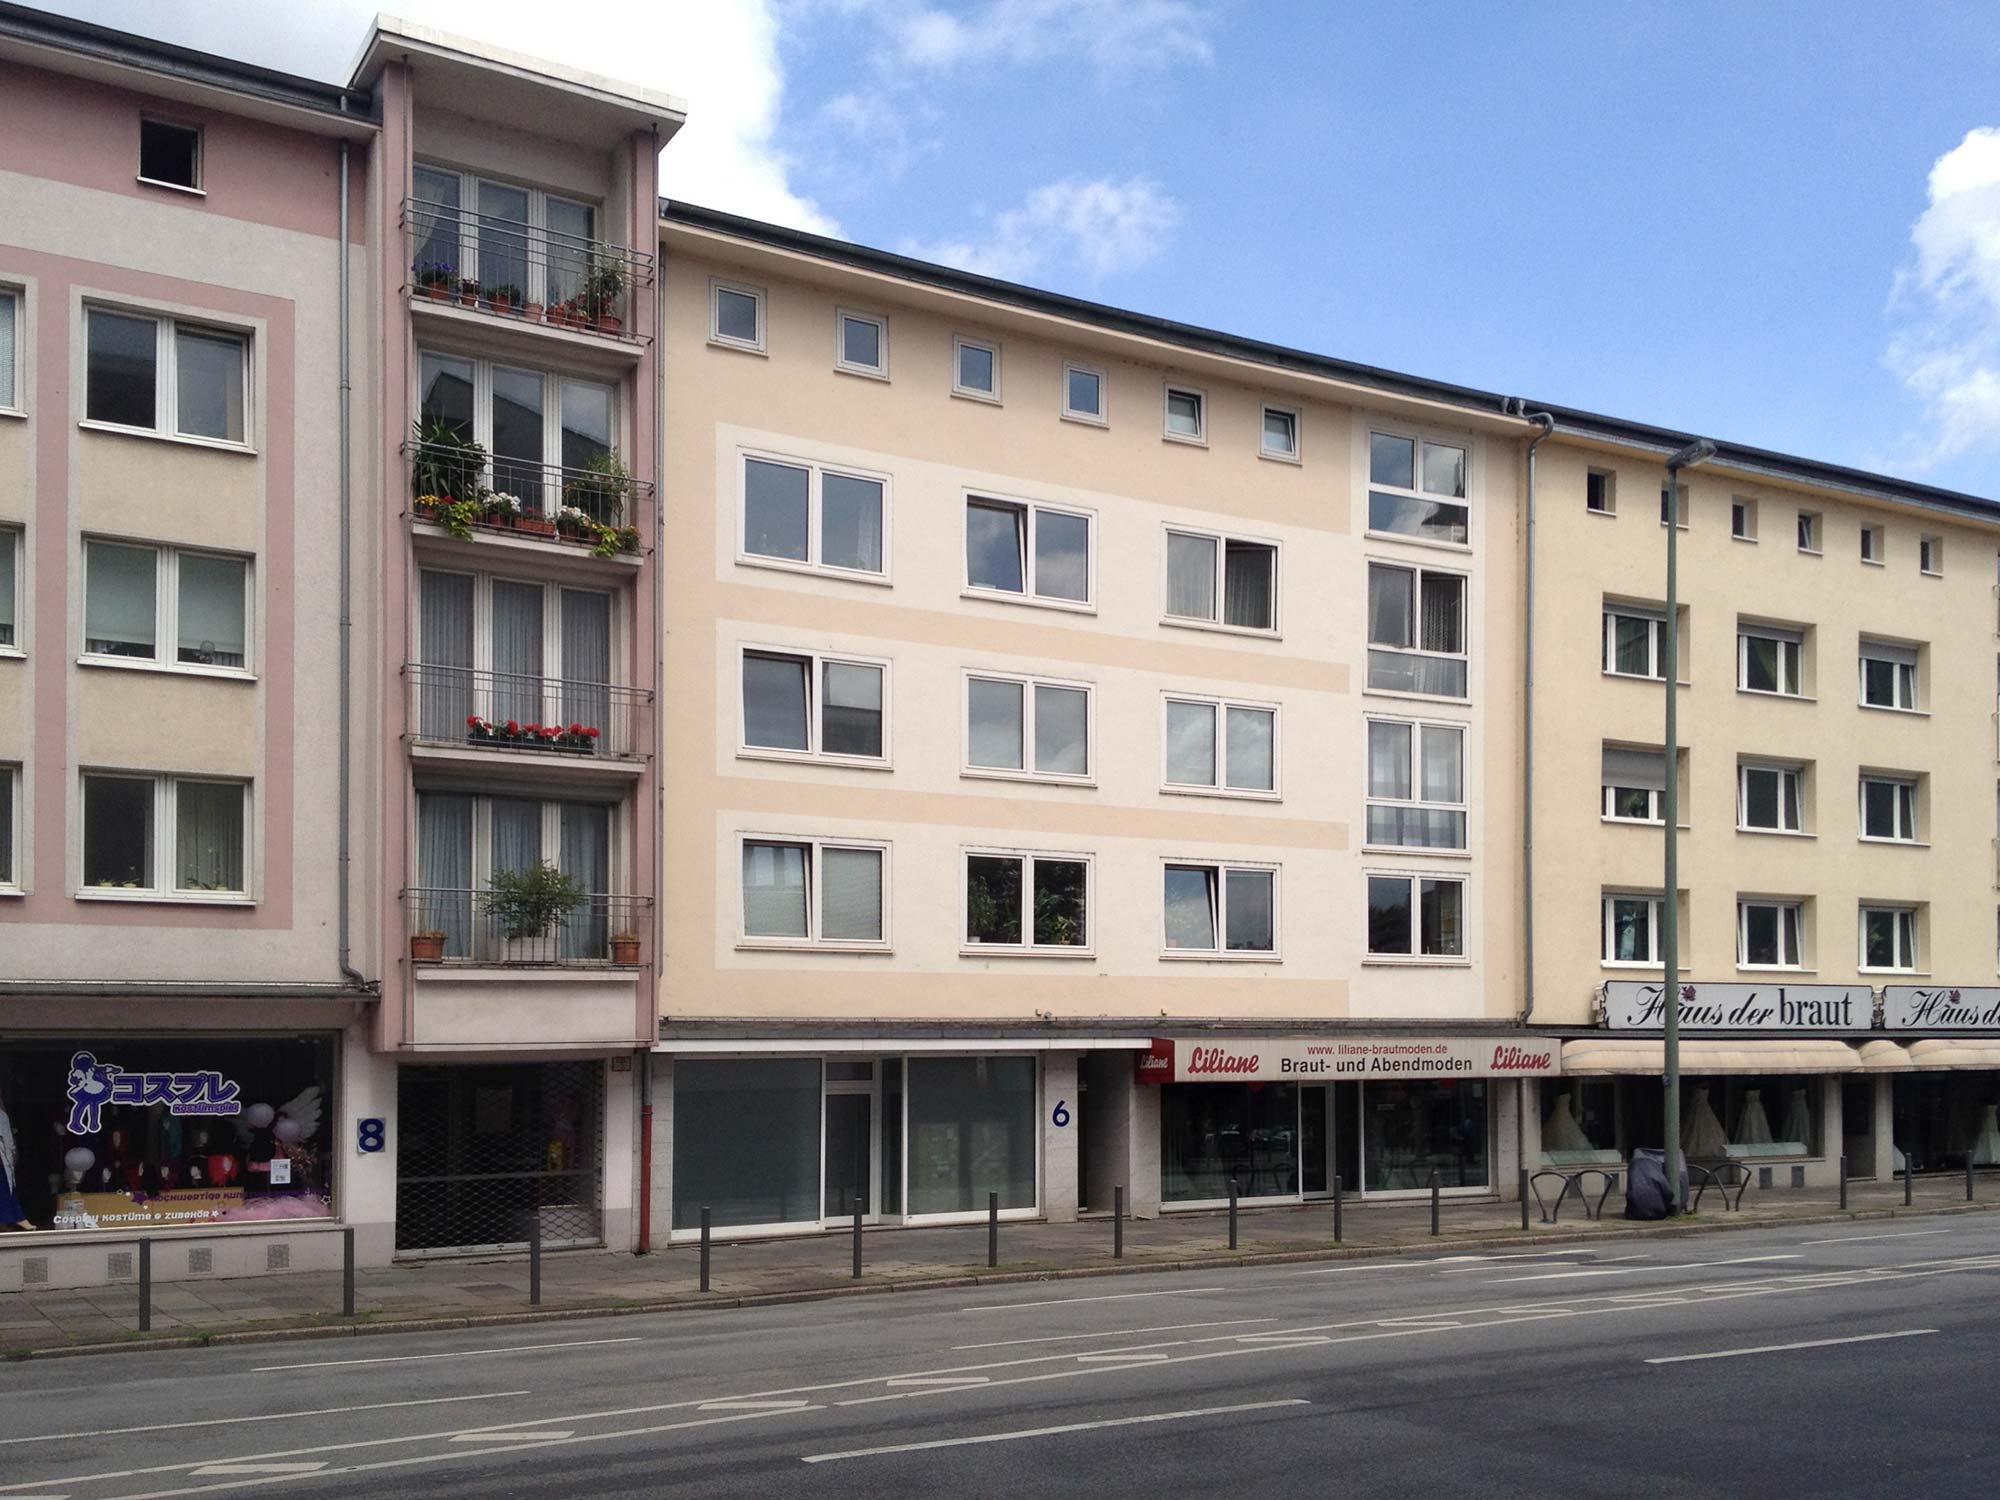 Nachkriegsarchitektur Frankfurt - Architektur der 1950er und 1960er Jahre - Berliner Straße 6 in Frankfurt am Main - Altstadt